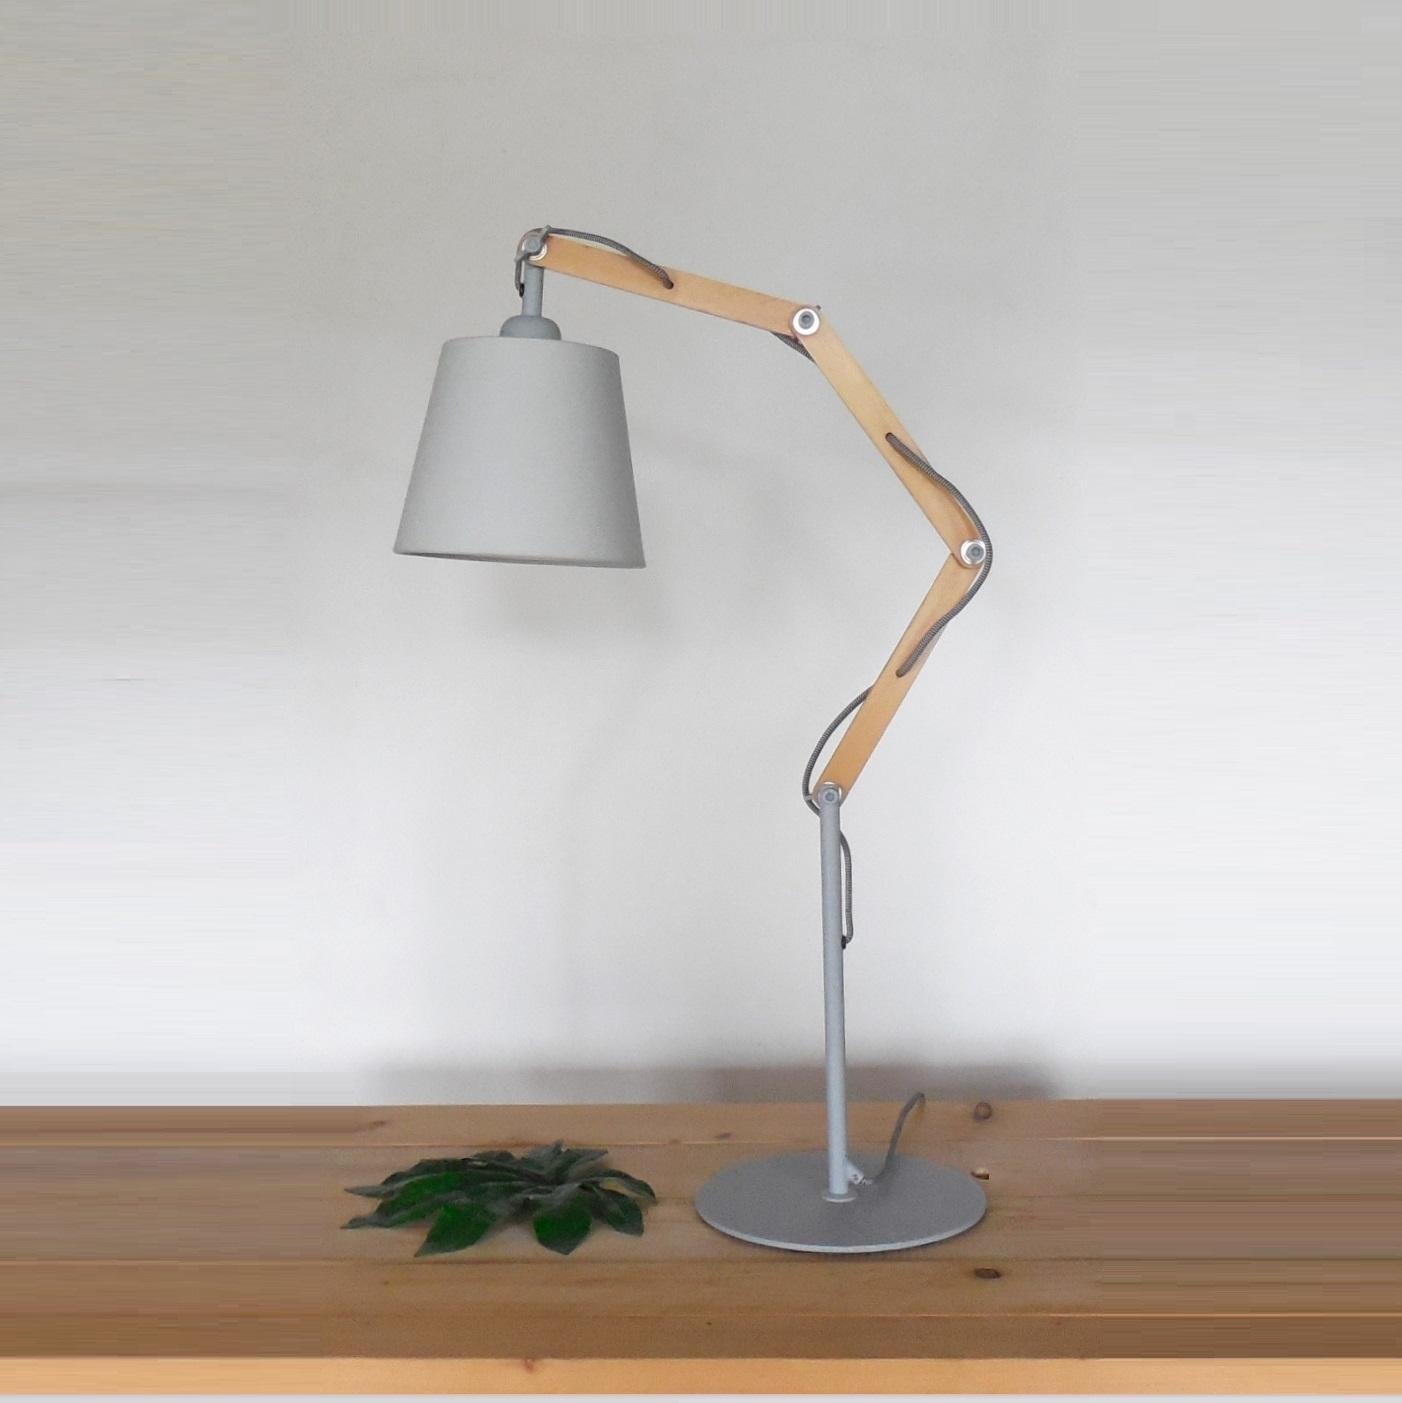 Illuminazione lampada da tavolo a1 teo vendita online for Illuminazione online